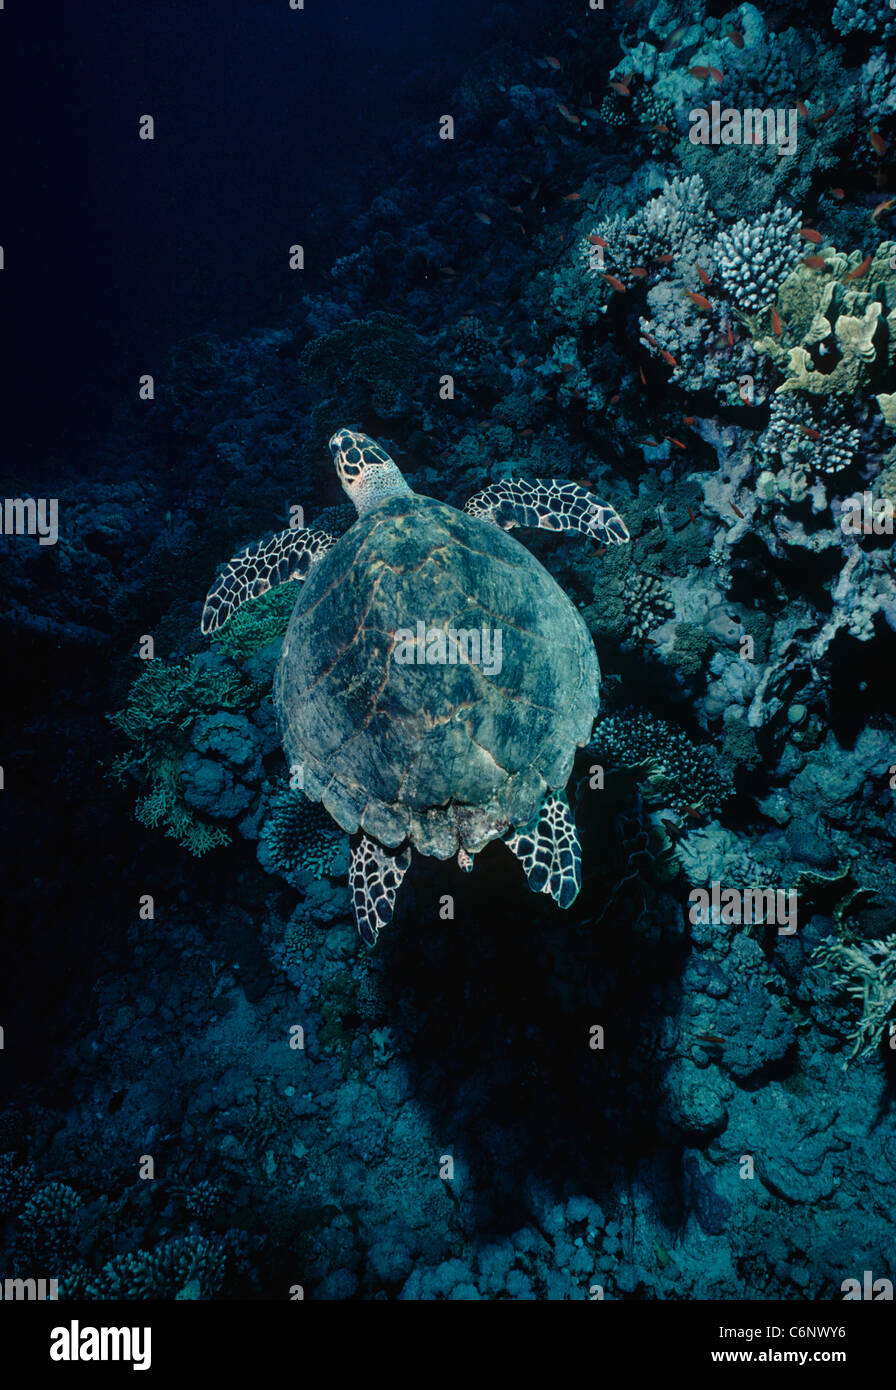 La tortue imbriquée (Eretmochelys imbricata) nager sur une barrière de corail. L'Egypte, Mer Rouge Banque D'Images